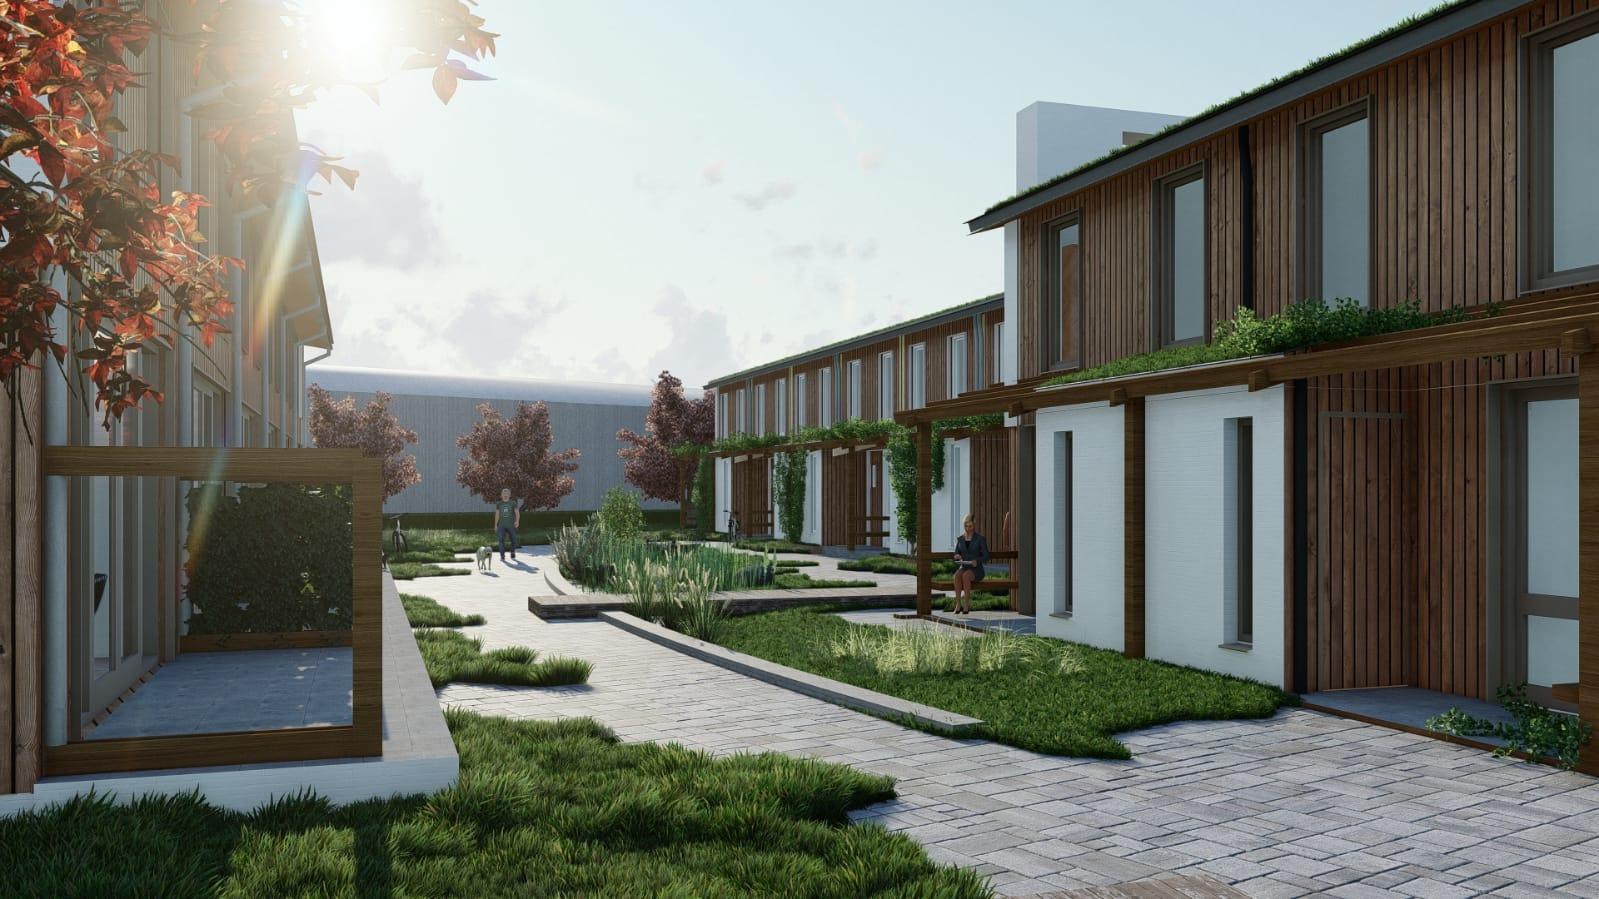 Nieuwbouw 18 seniorenwoningen op plek Martinusschool